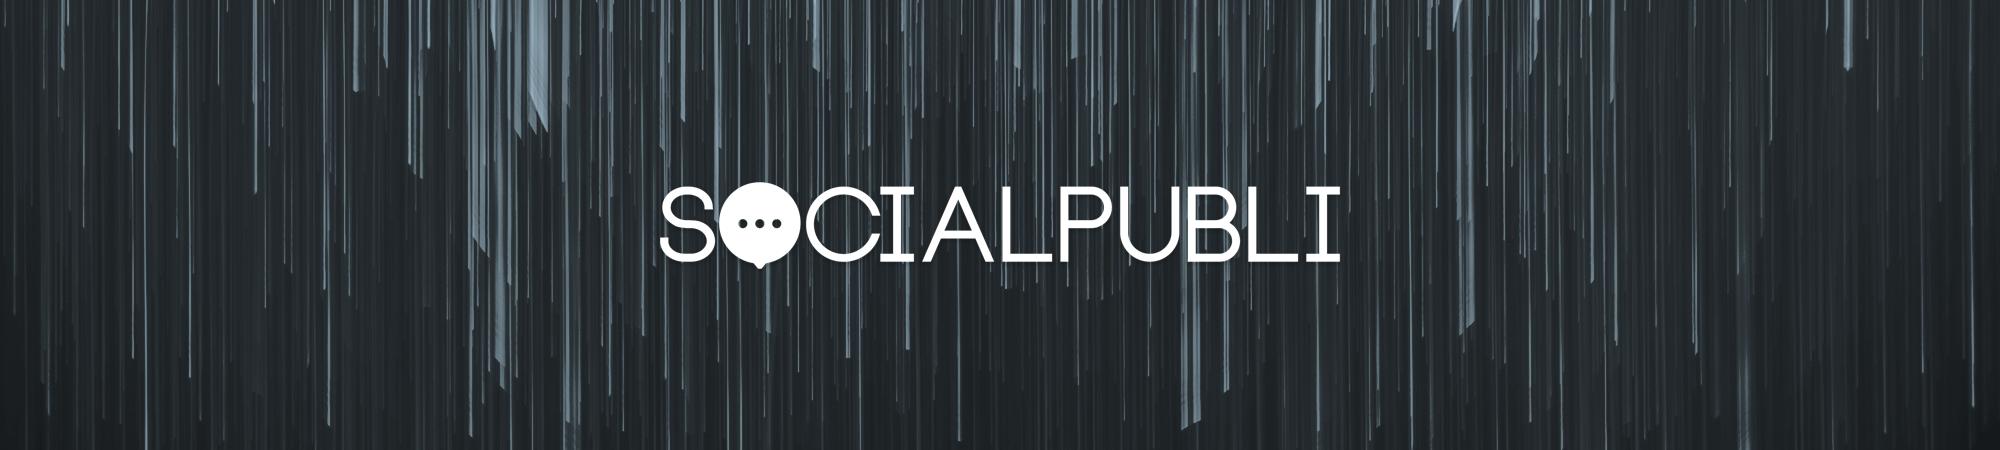 social media content translation